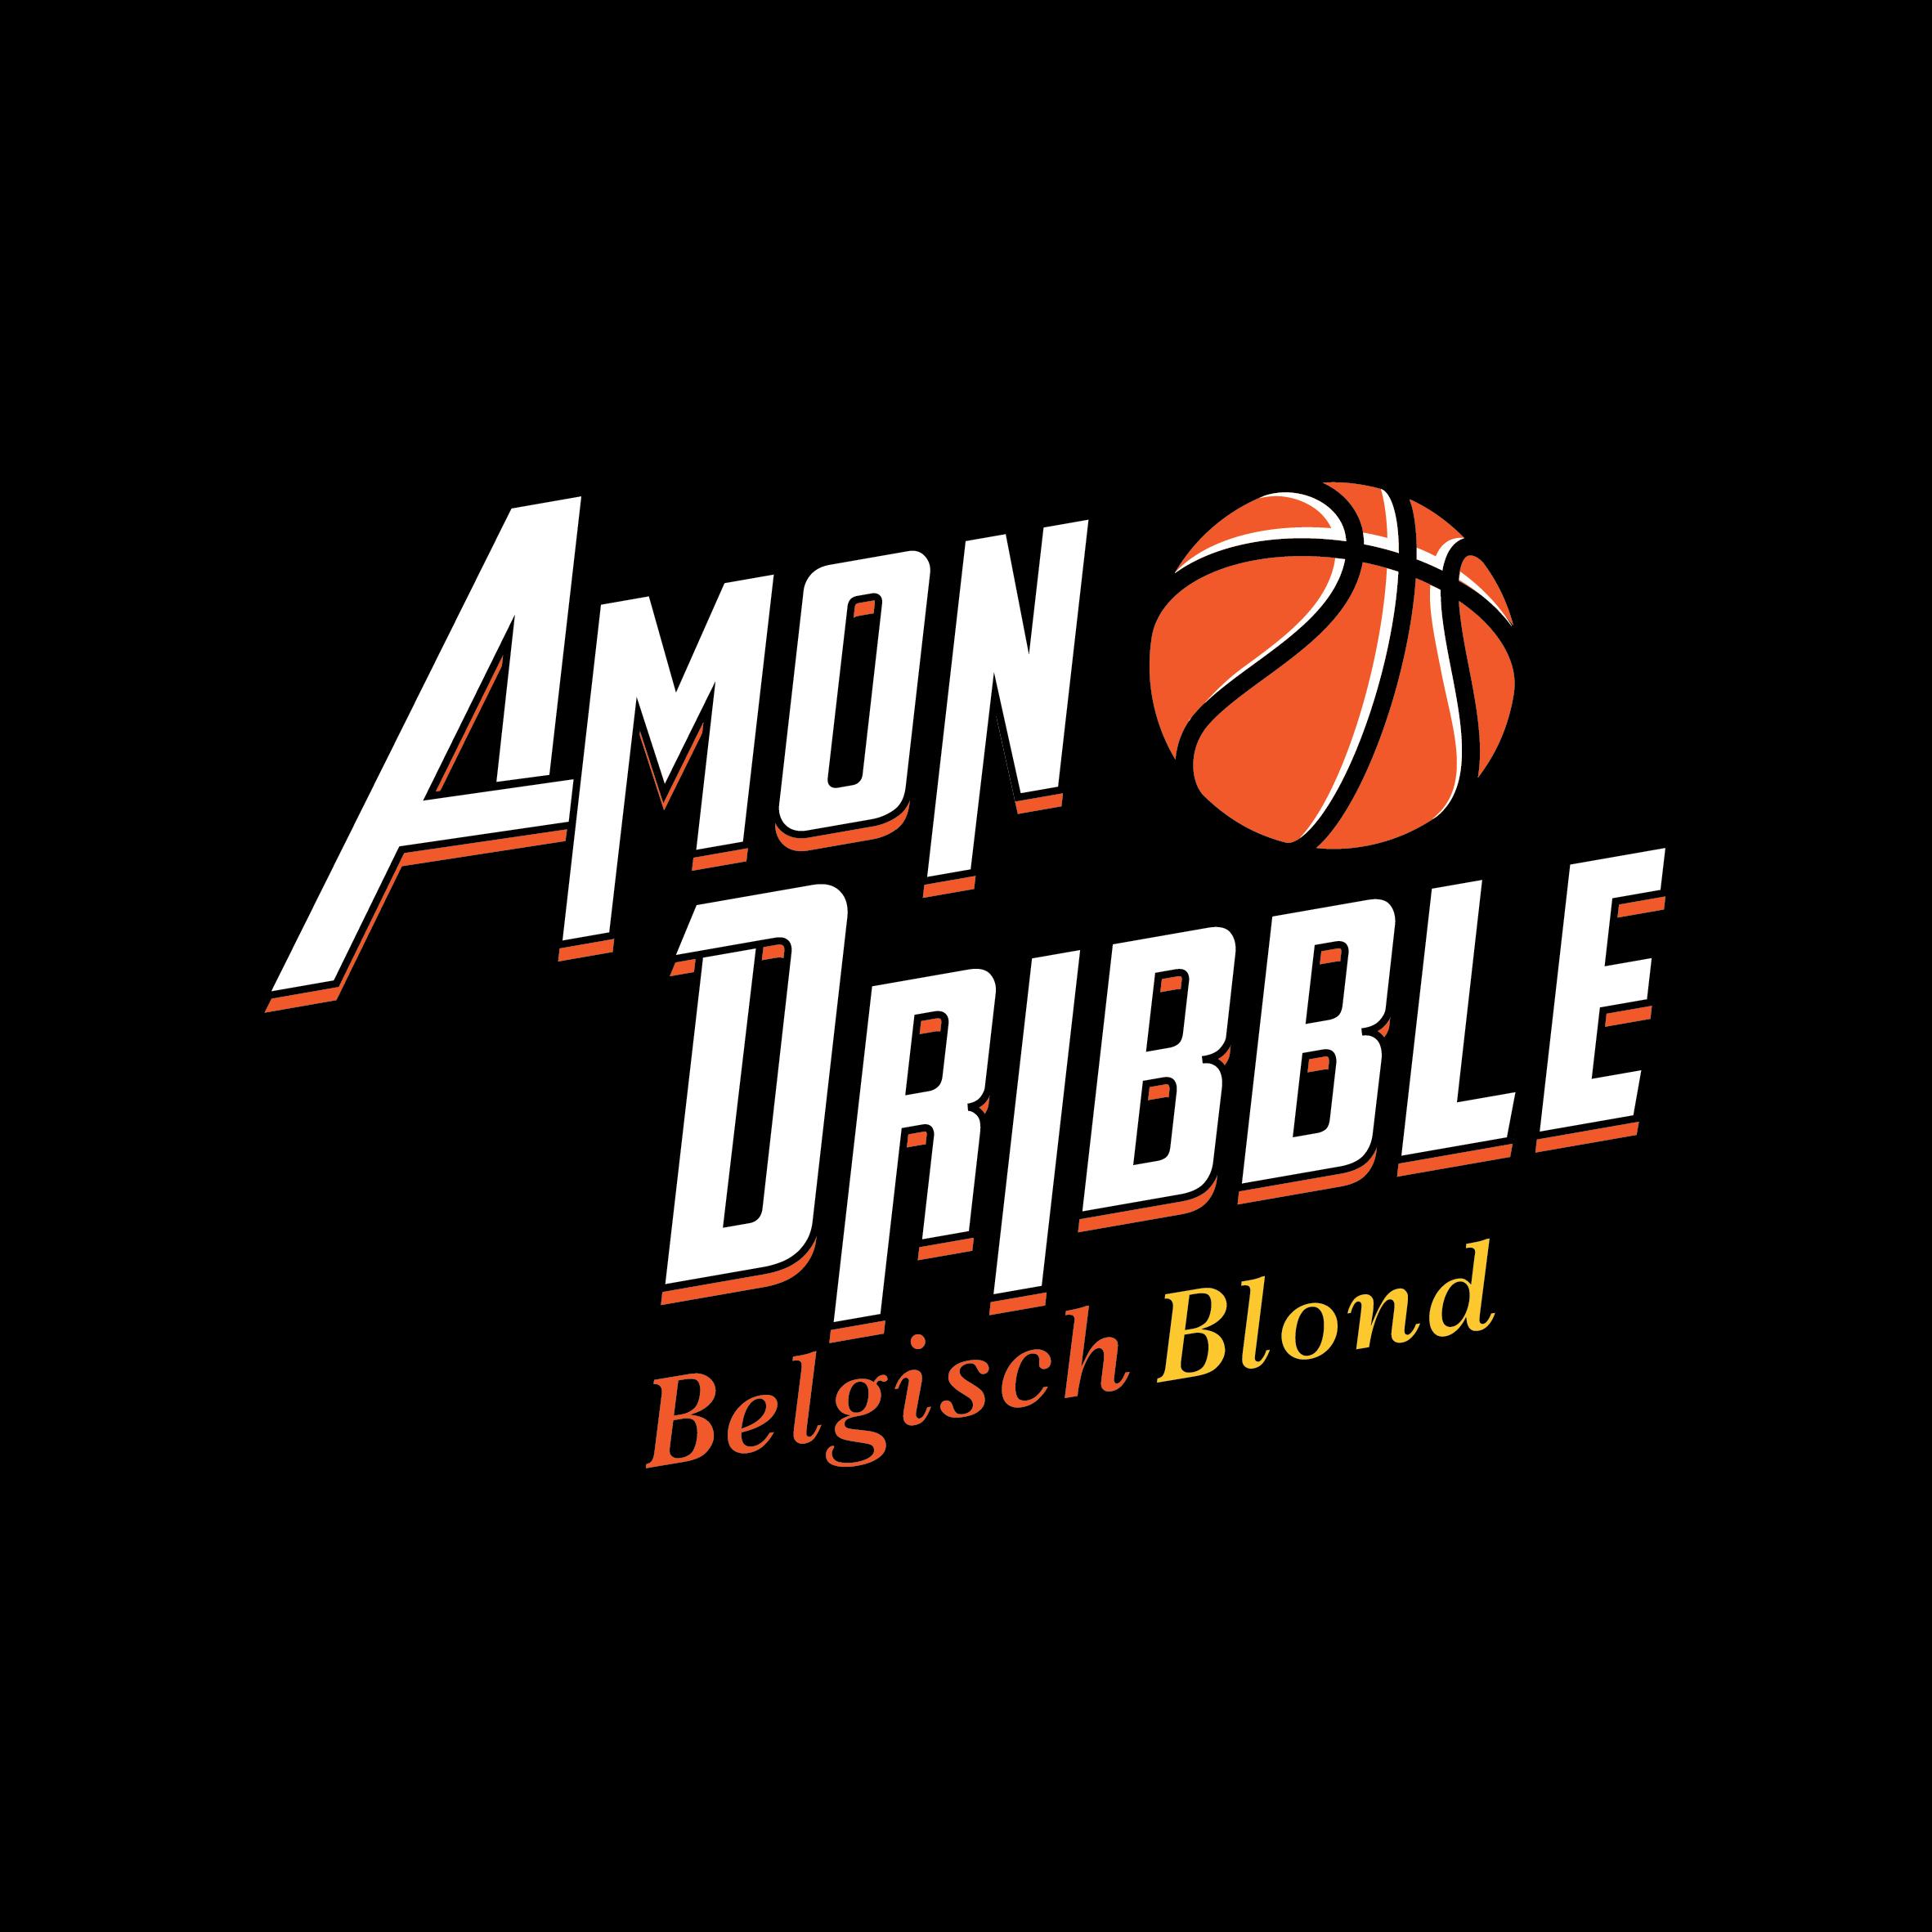 AMON_Dribble_logo-01.png